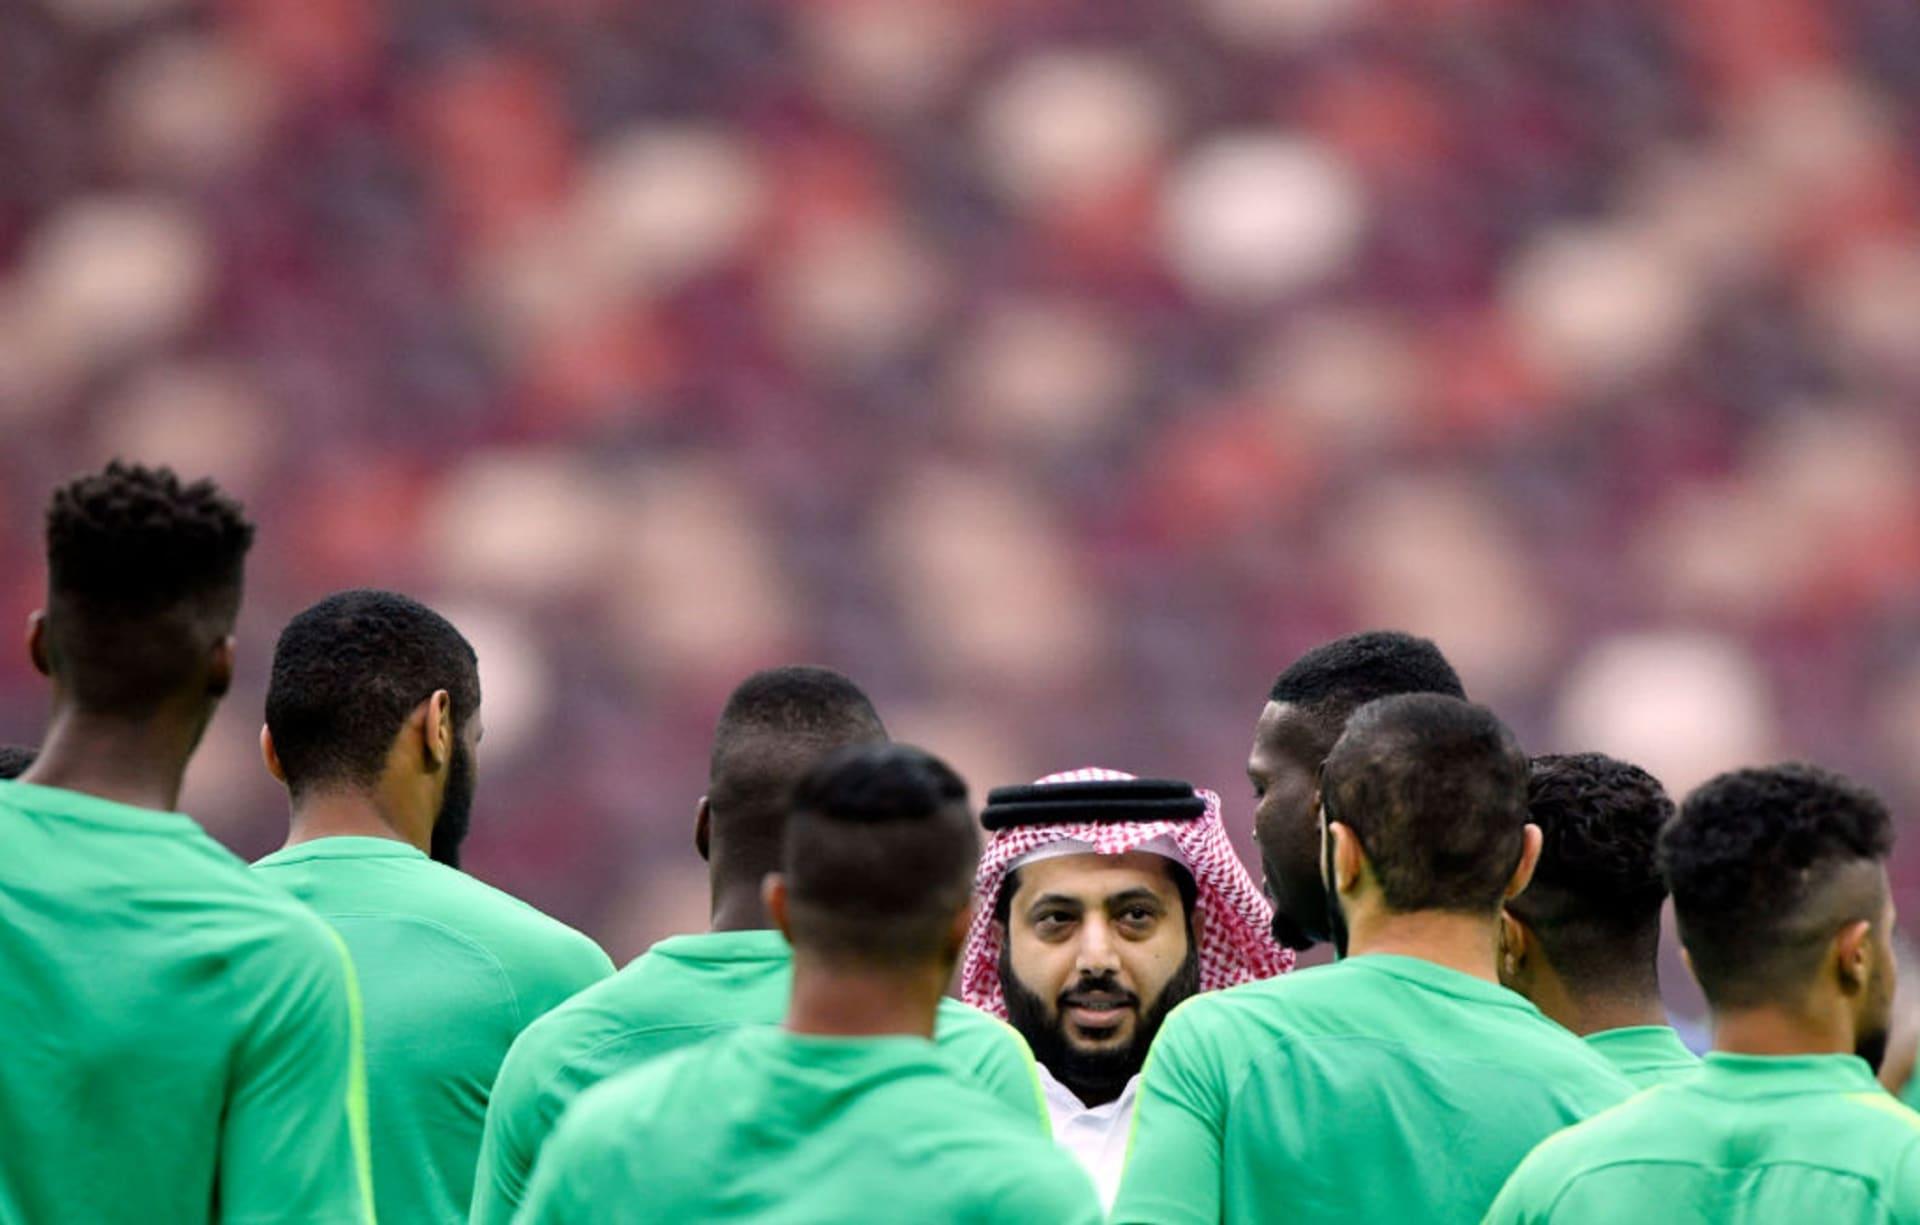 بـ8 تغريدات.. تعليق تركي آل الشيخ بعد إعفائه من منصبه وتوليه آخر جديد